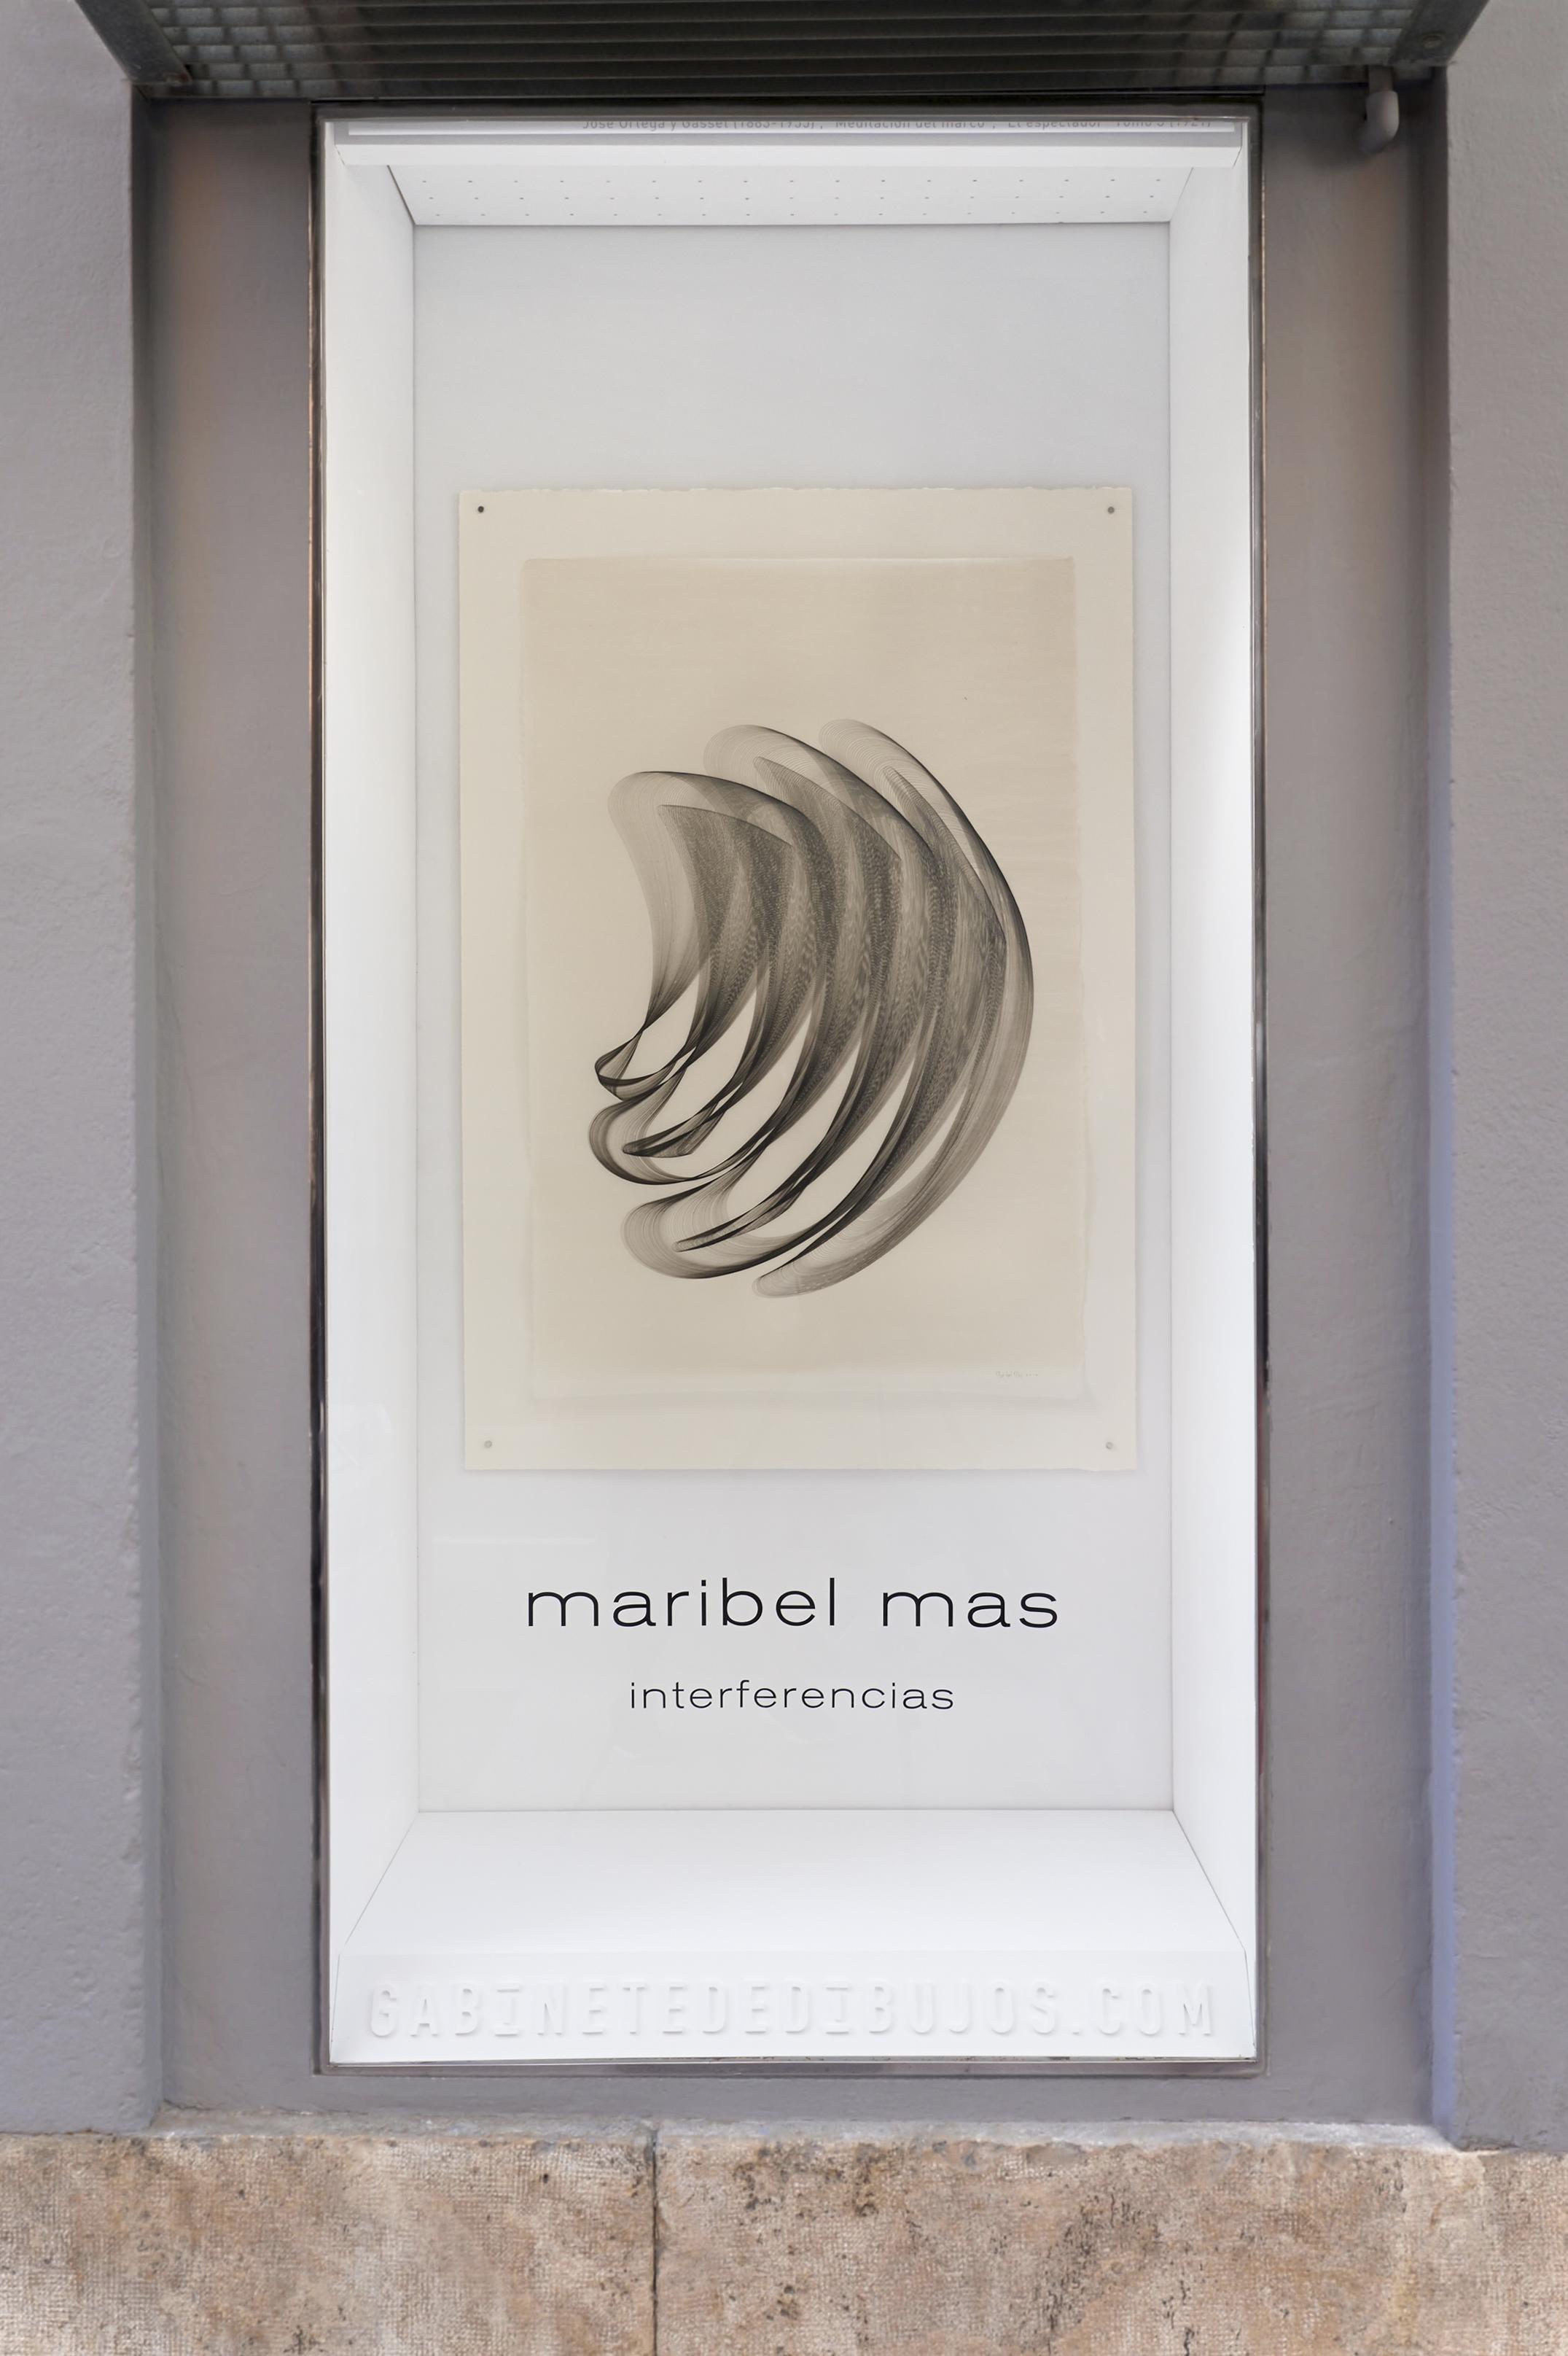 INTERFERENCIAS de Maribel Mas en el Gabinete de dibujos